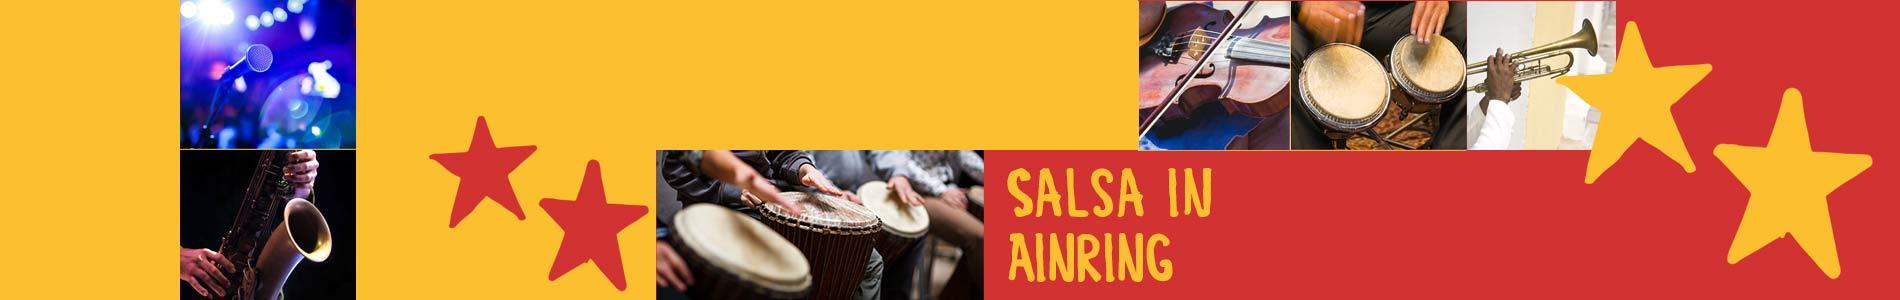 Salsa in Ainring – Salsa lernen und tanzen, Tanzkurse, Partys, Veranstaltungen